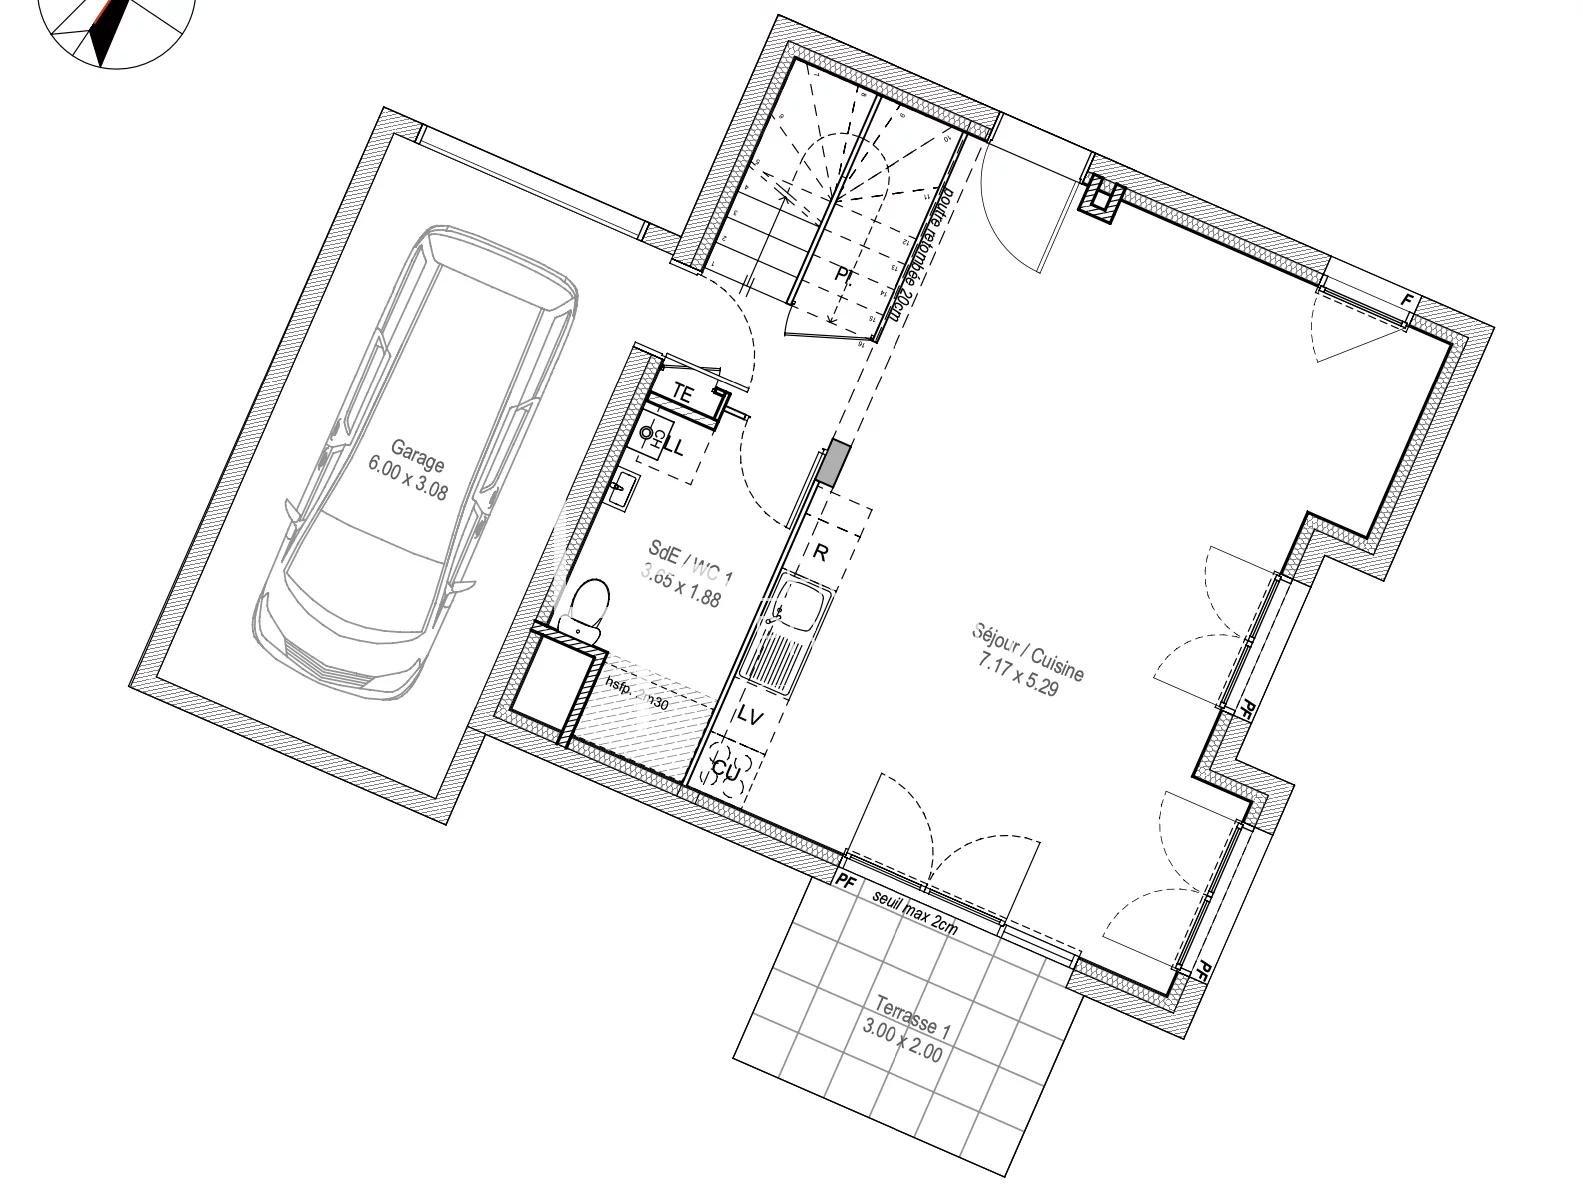 Vente de appartement d'une surface de 103.03 m2